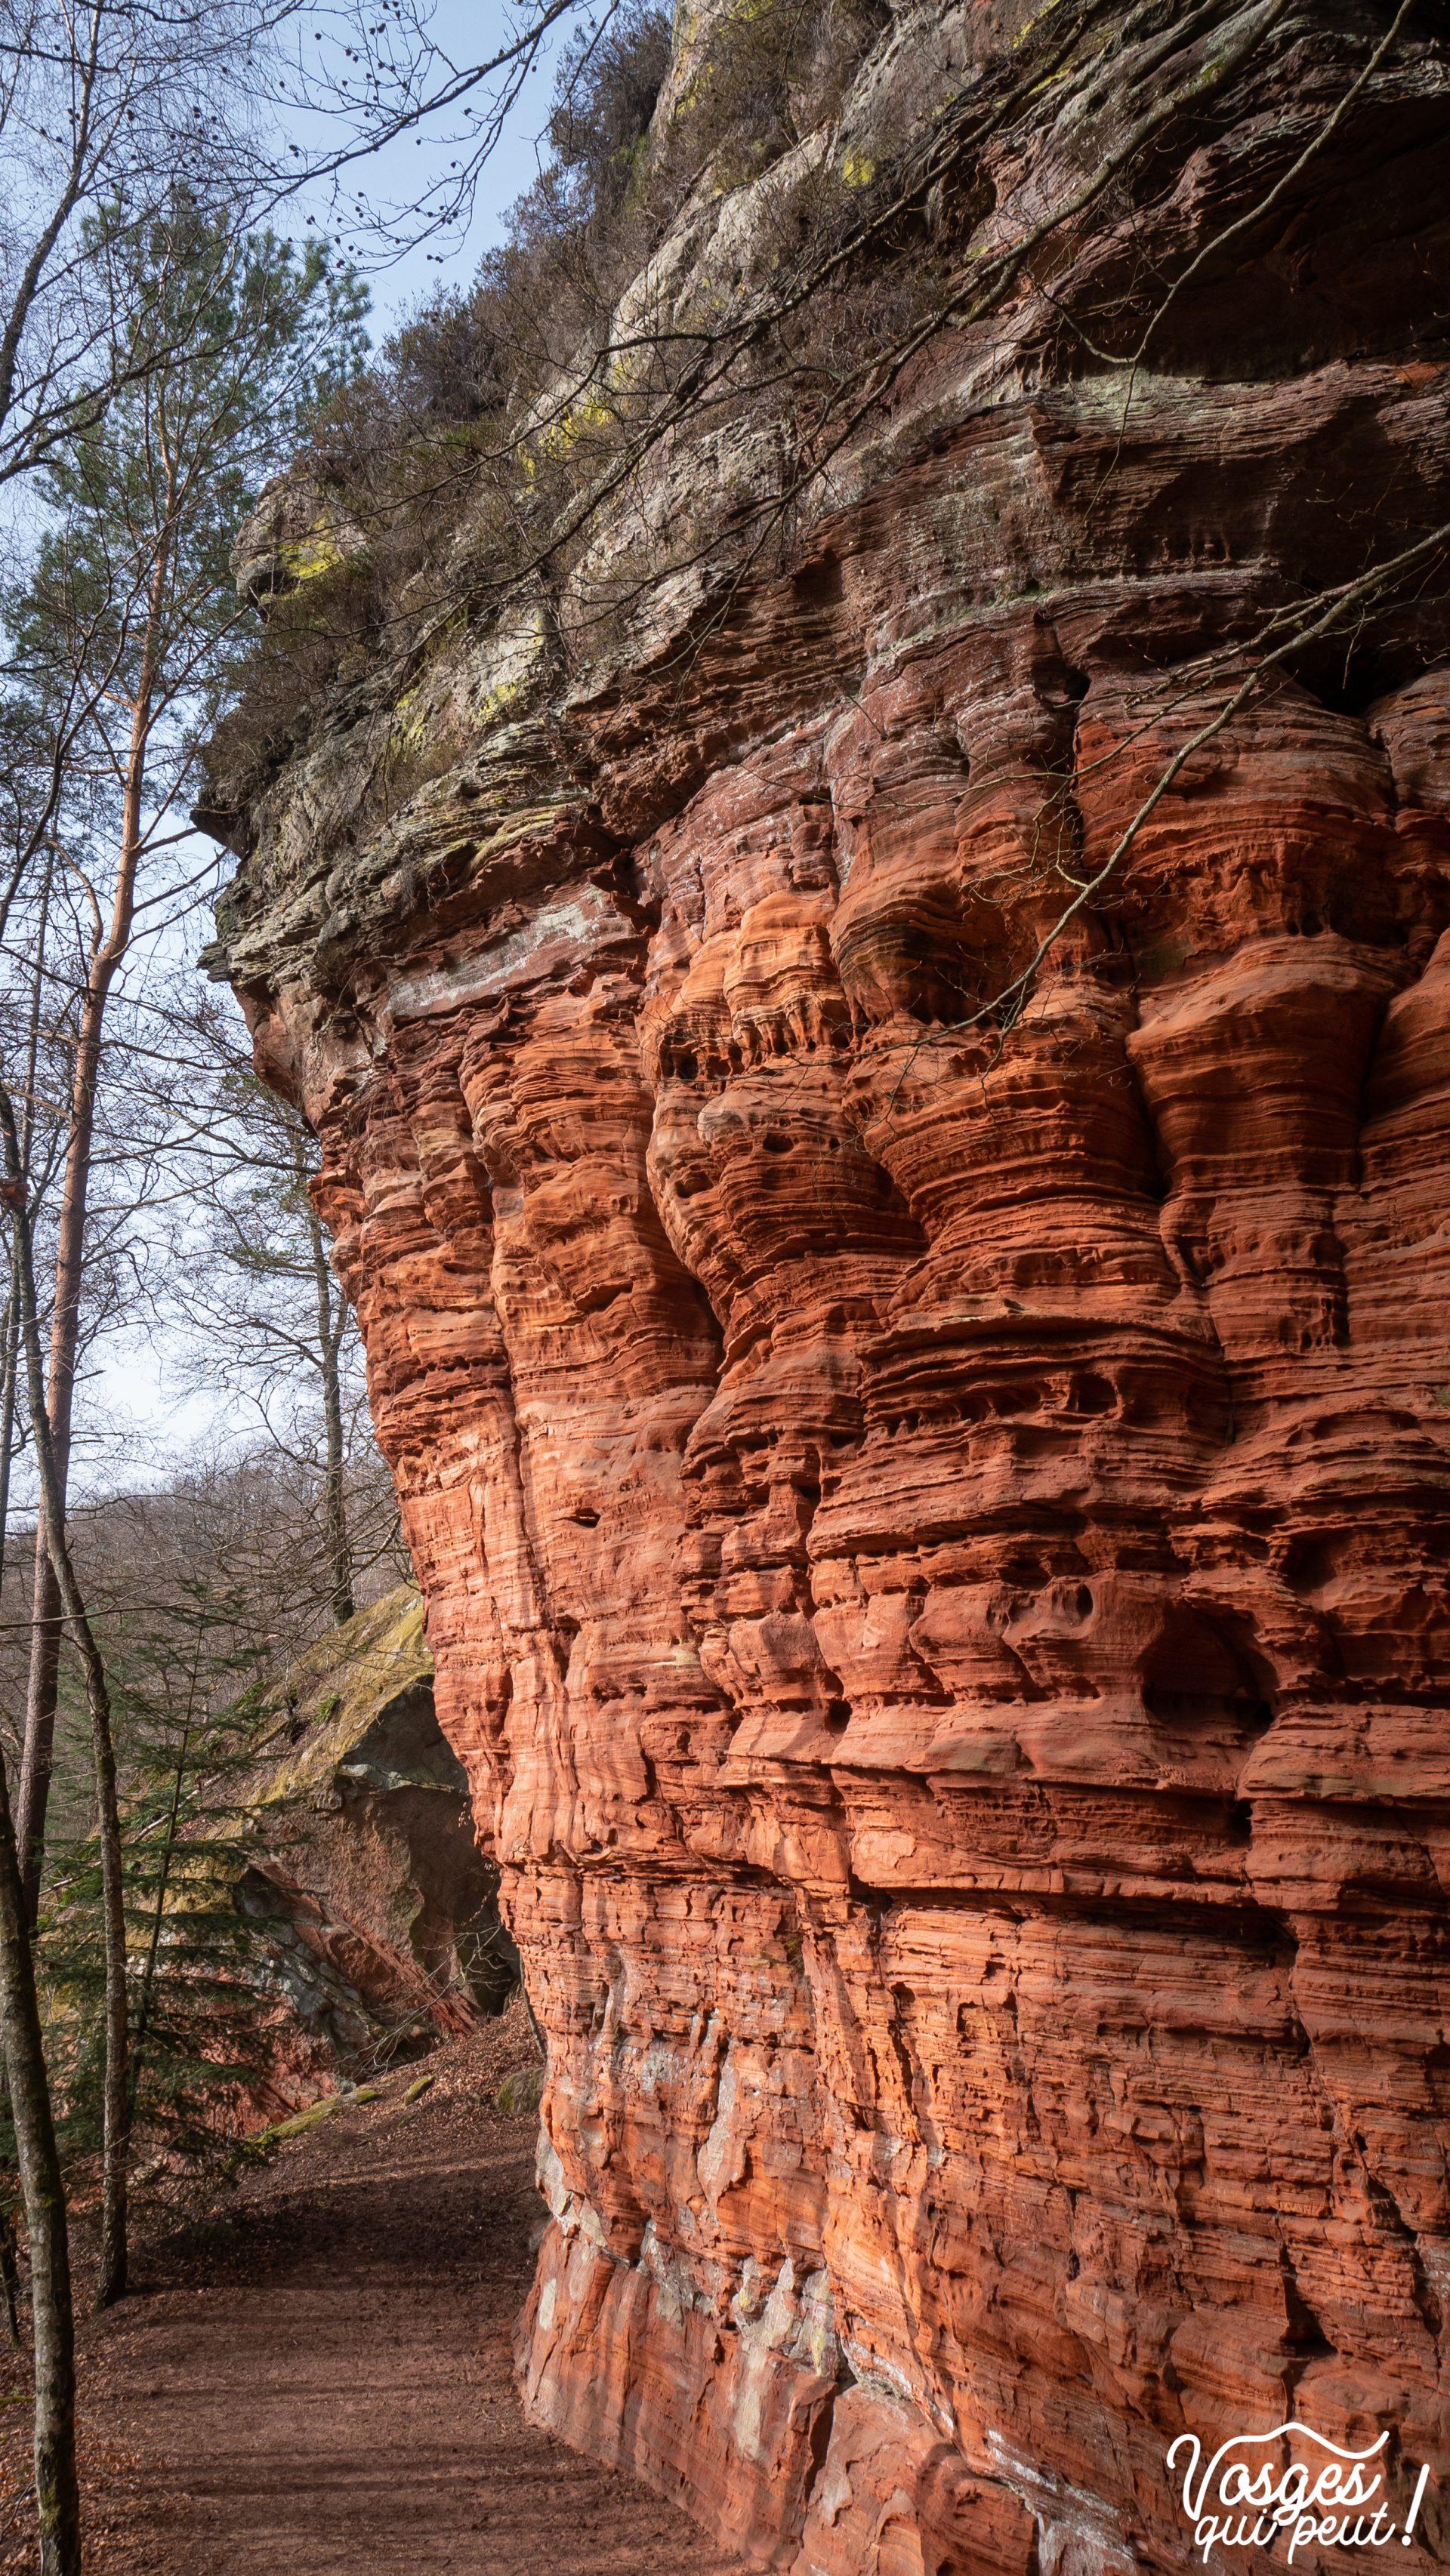 Le rocher de l'Altschlossfelsen dans le Pays de Bitche